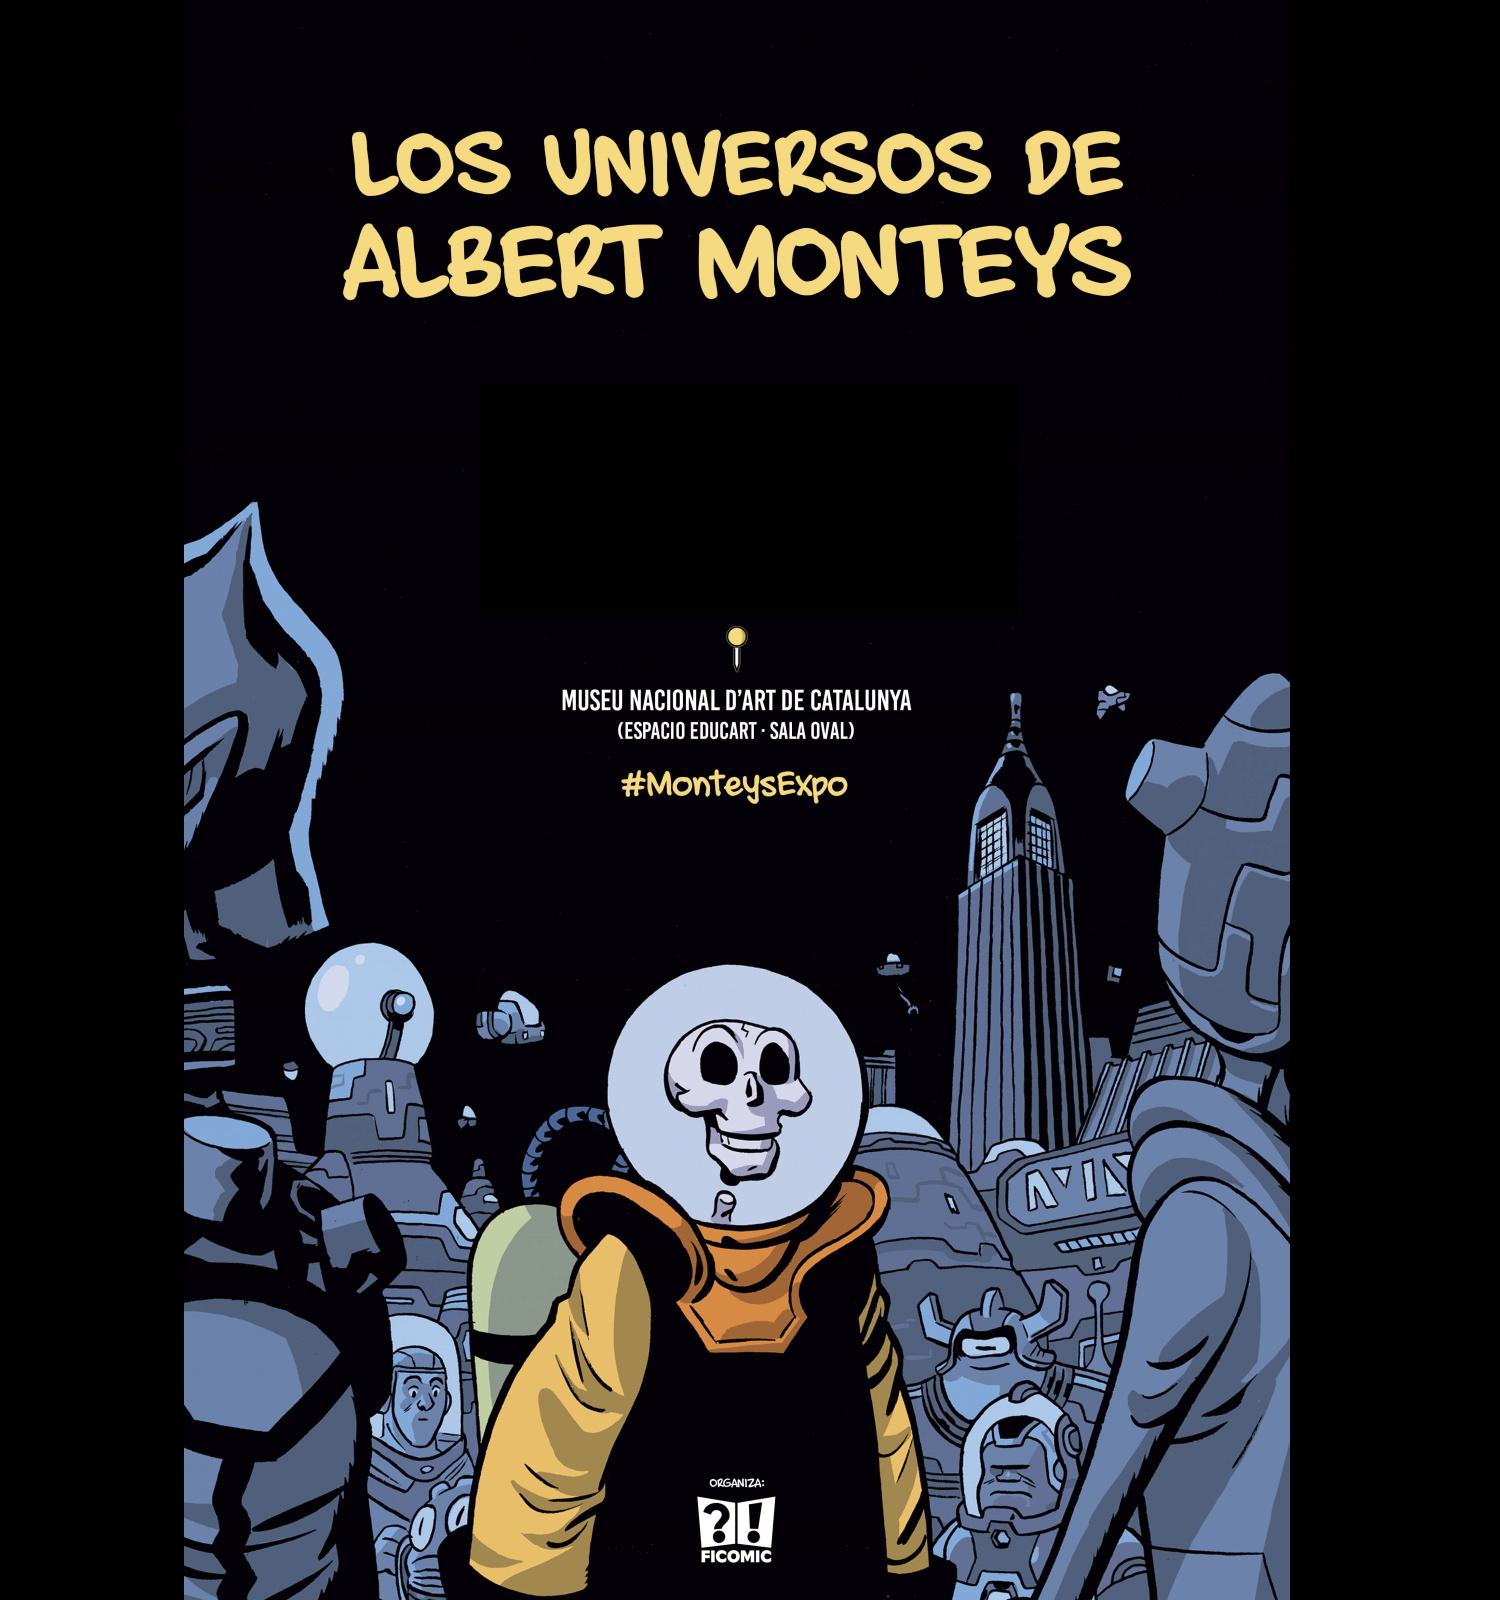 Los universos de Albert Monteys